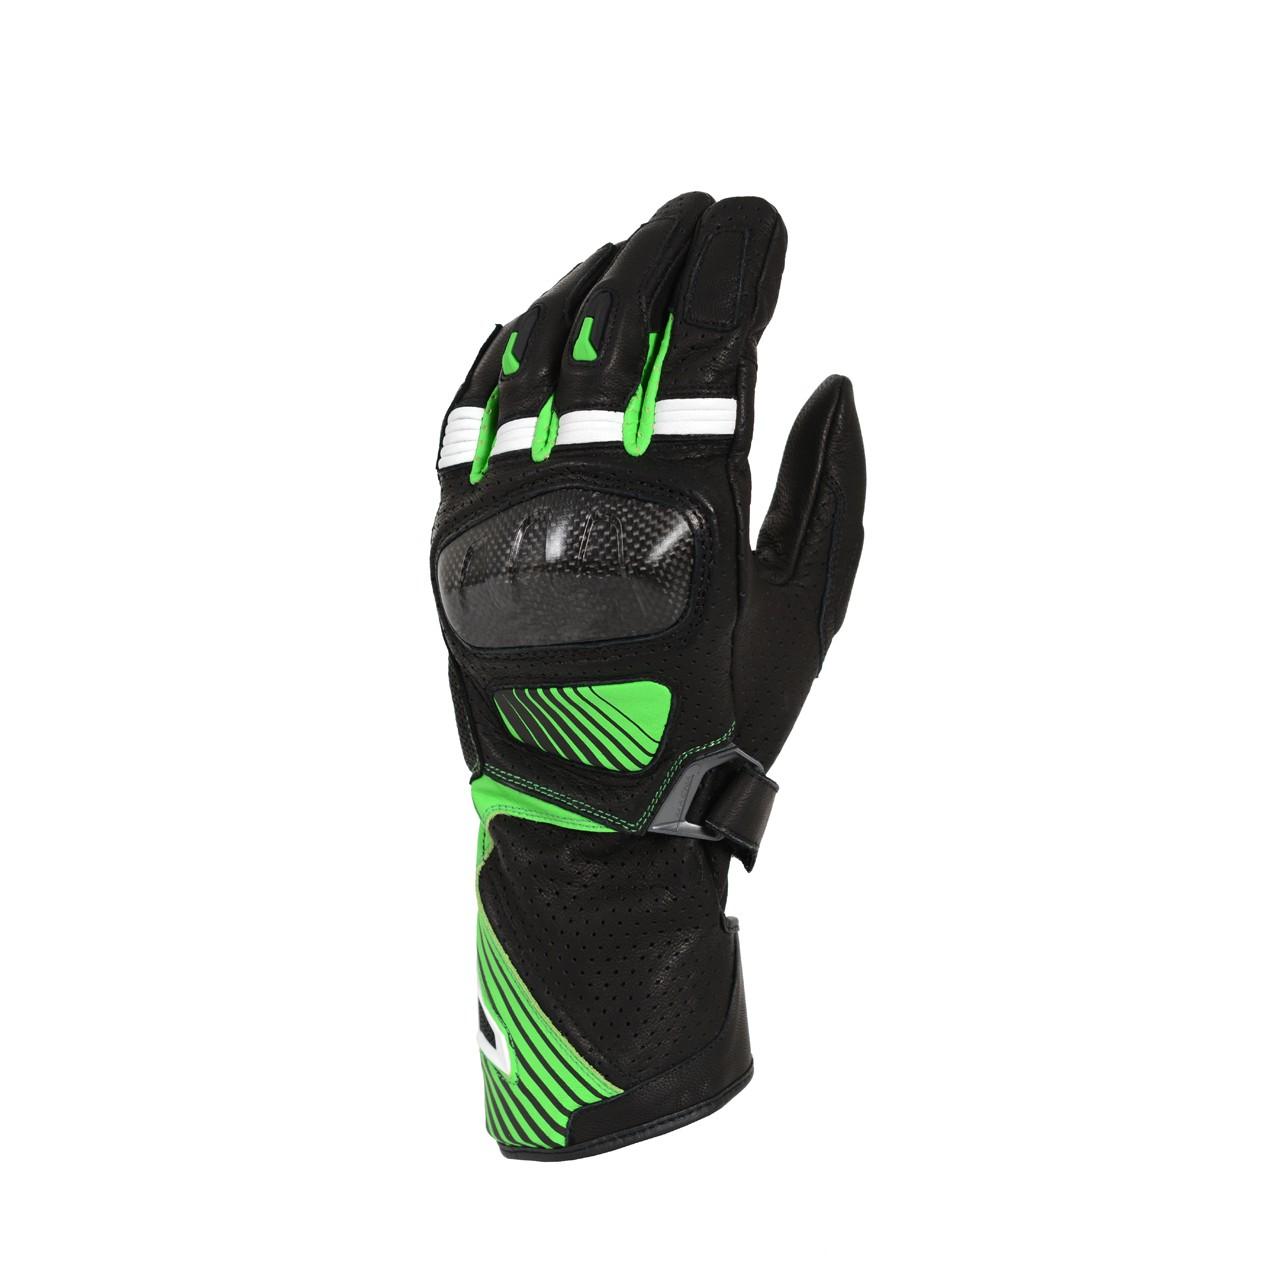 Pirštinės MACNA Airpack (Black/Green)